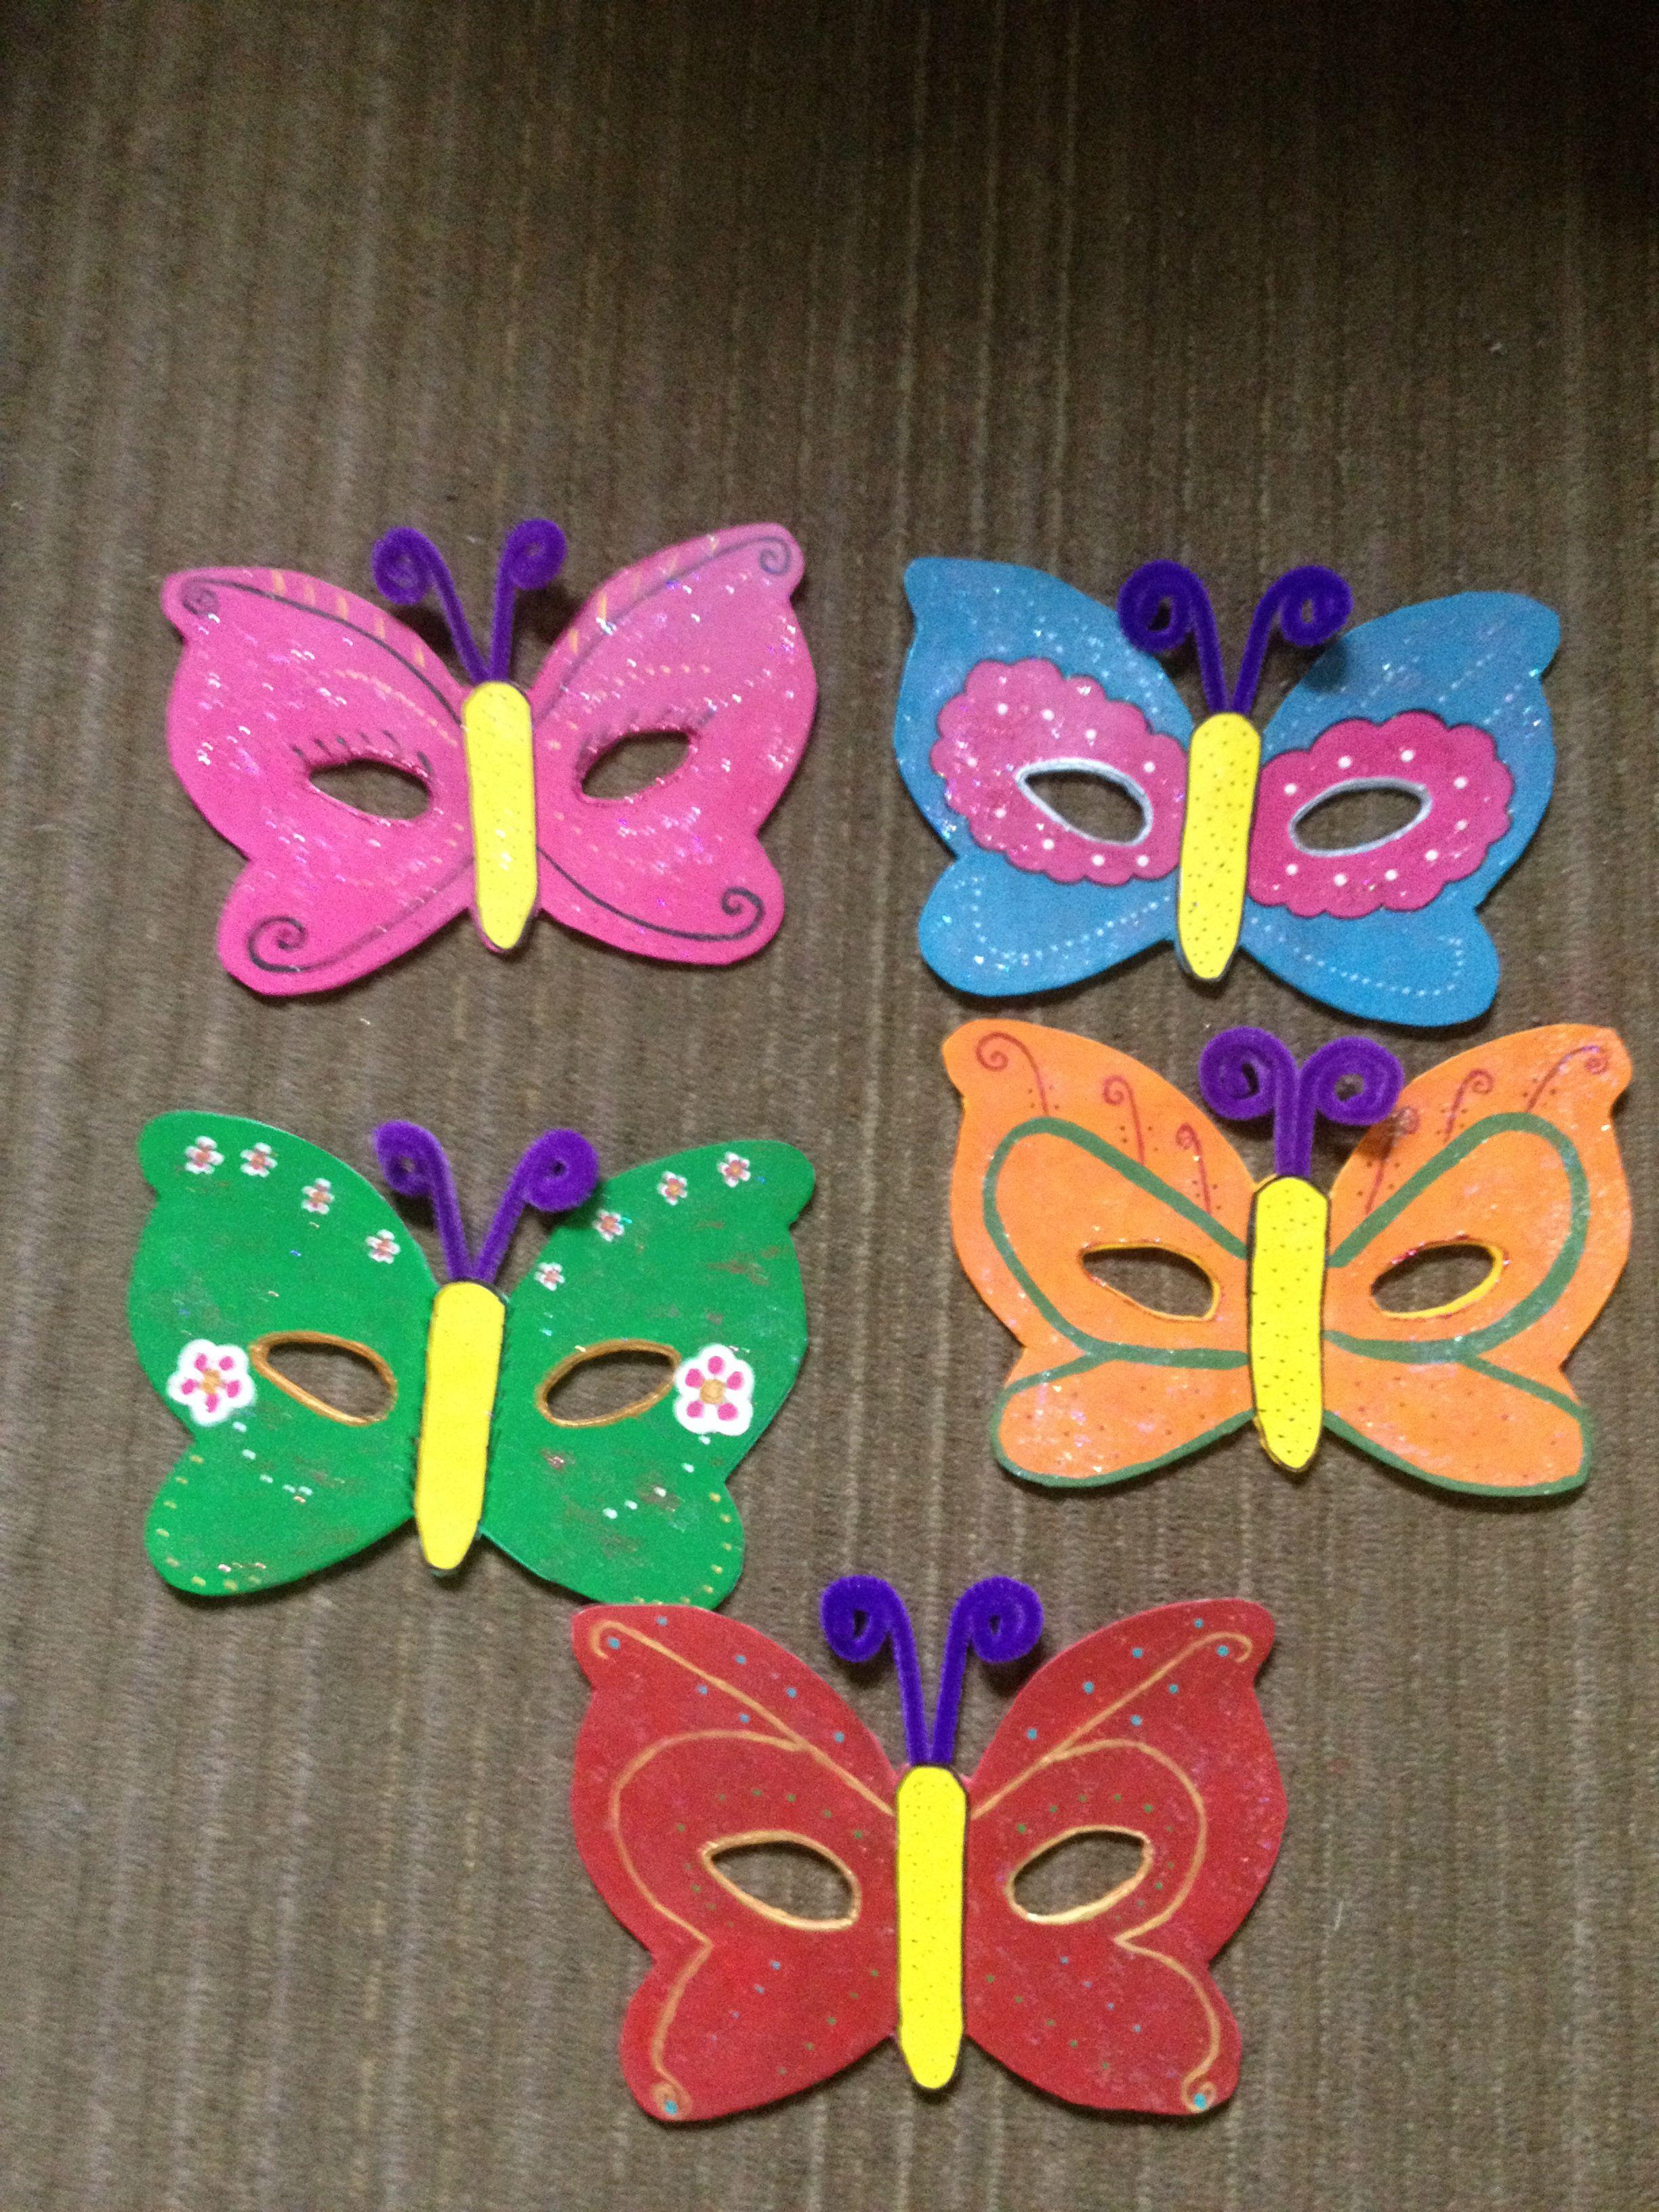 M scaras de mariposa mis creaciones adm - Mascaras para carnaval manualidades ...